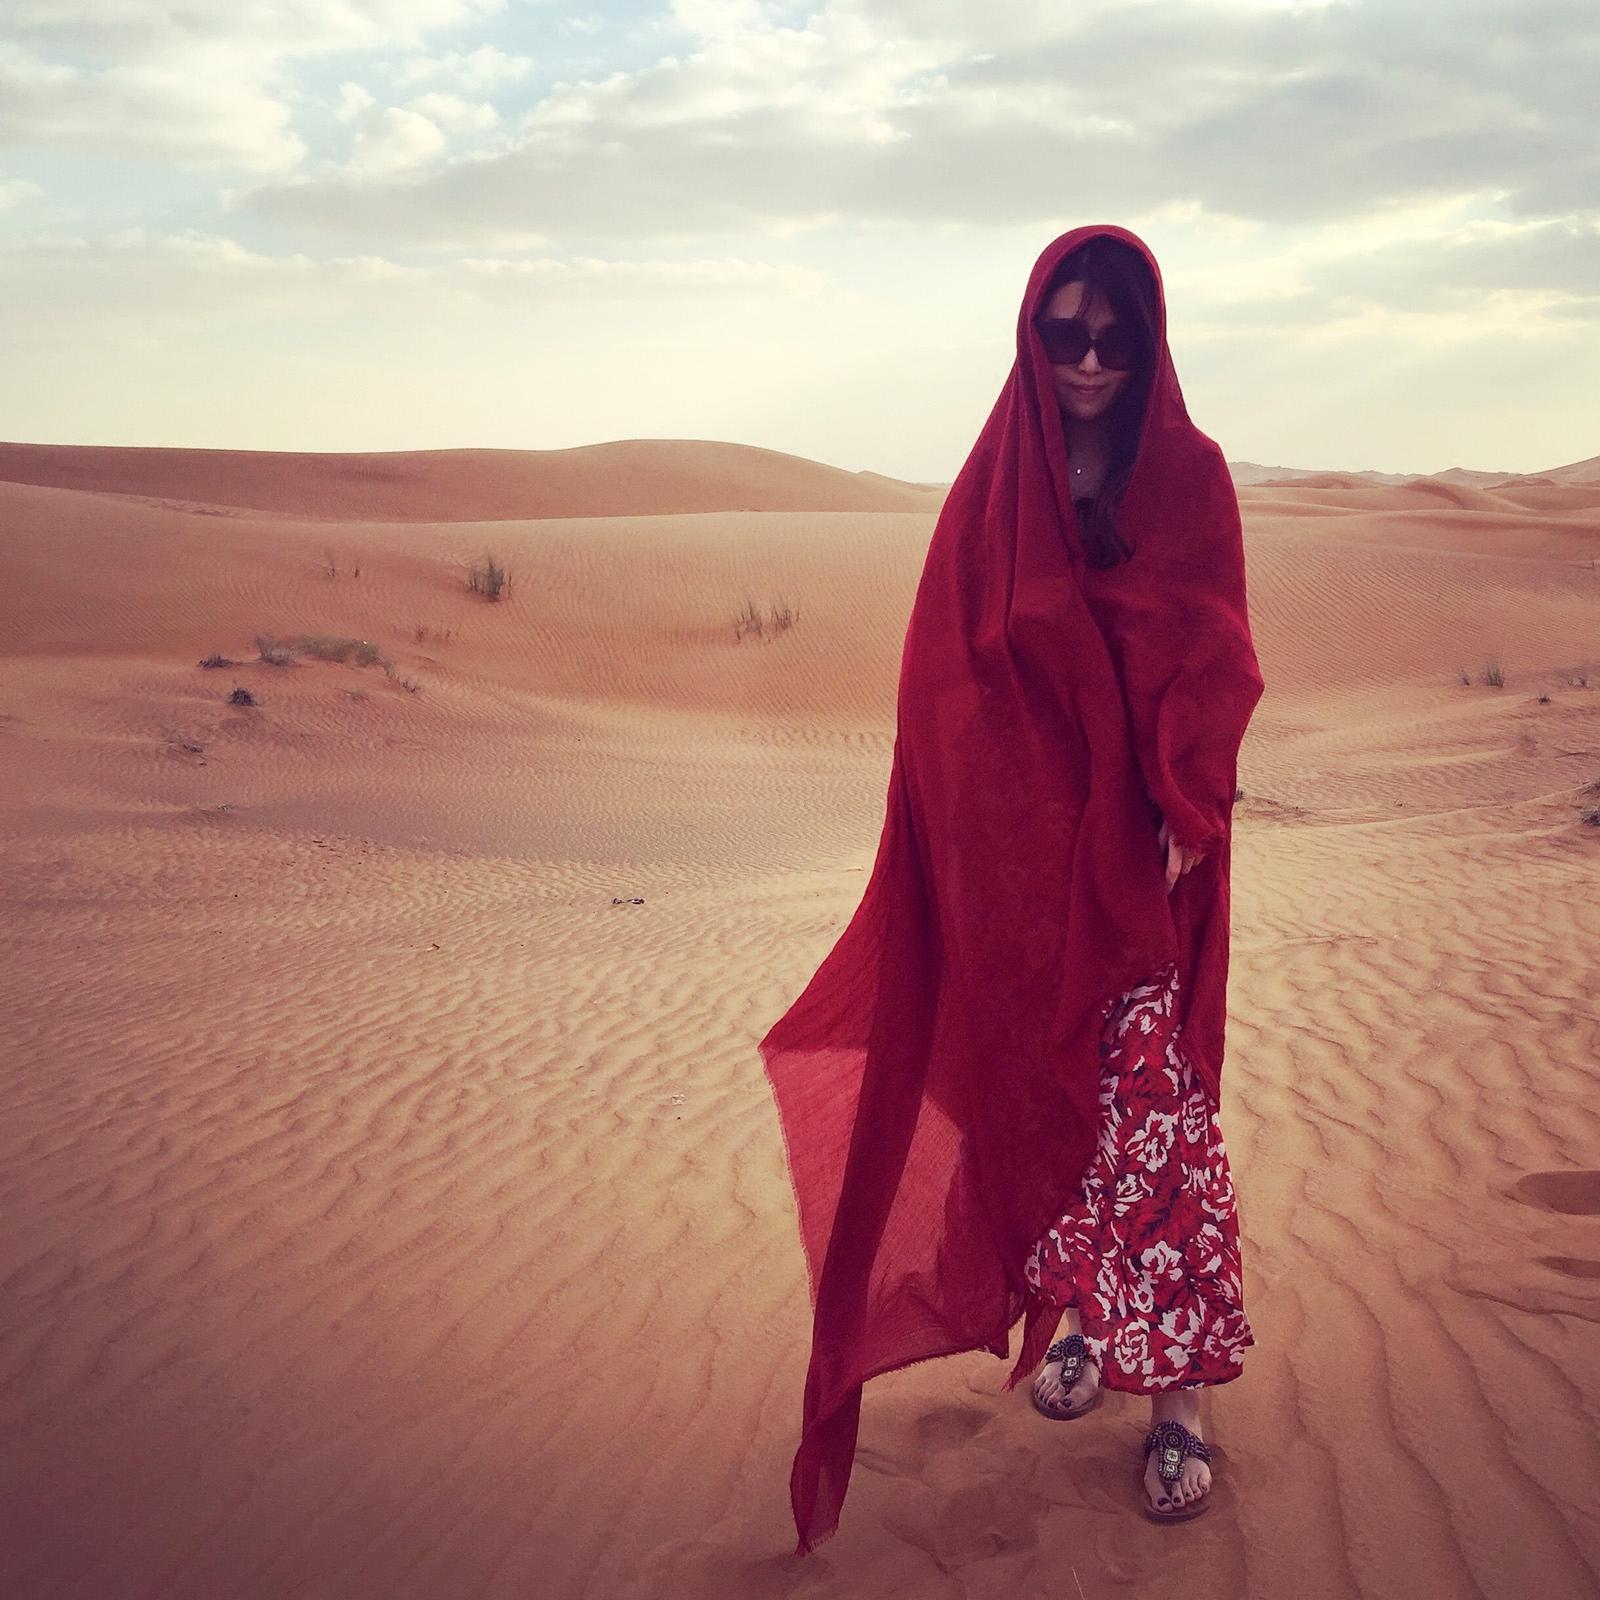 春夏季超大棉麻围巾纯色民族风海边度假防晒披肩沙滩巾丝巾纱巾女丝巾